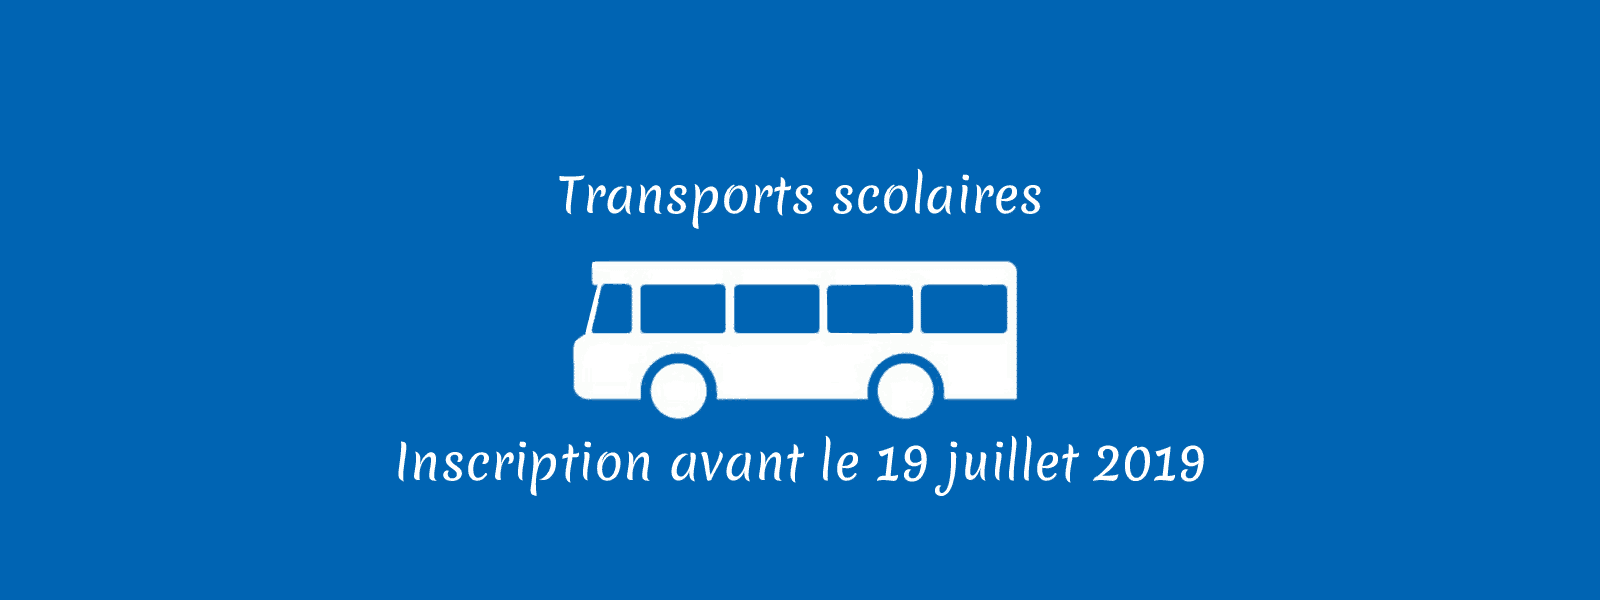 Inscription aux transports scolaires du 29 avril au 19 juillet 2019